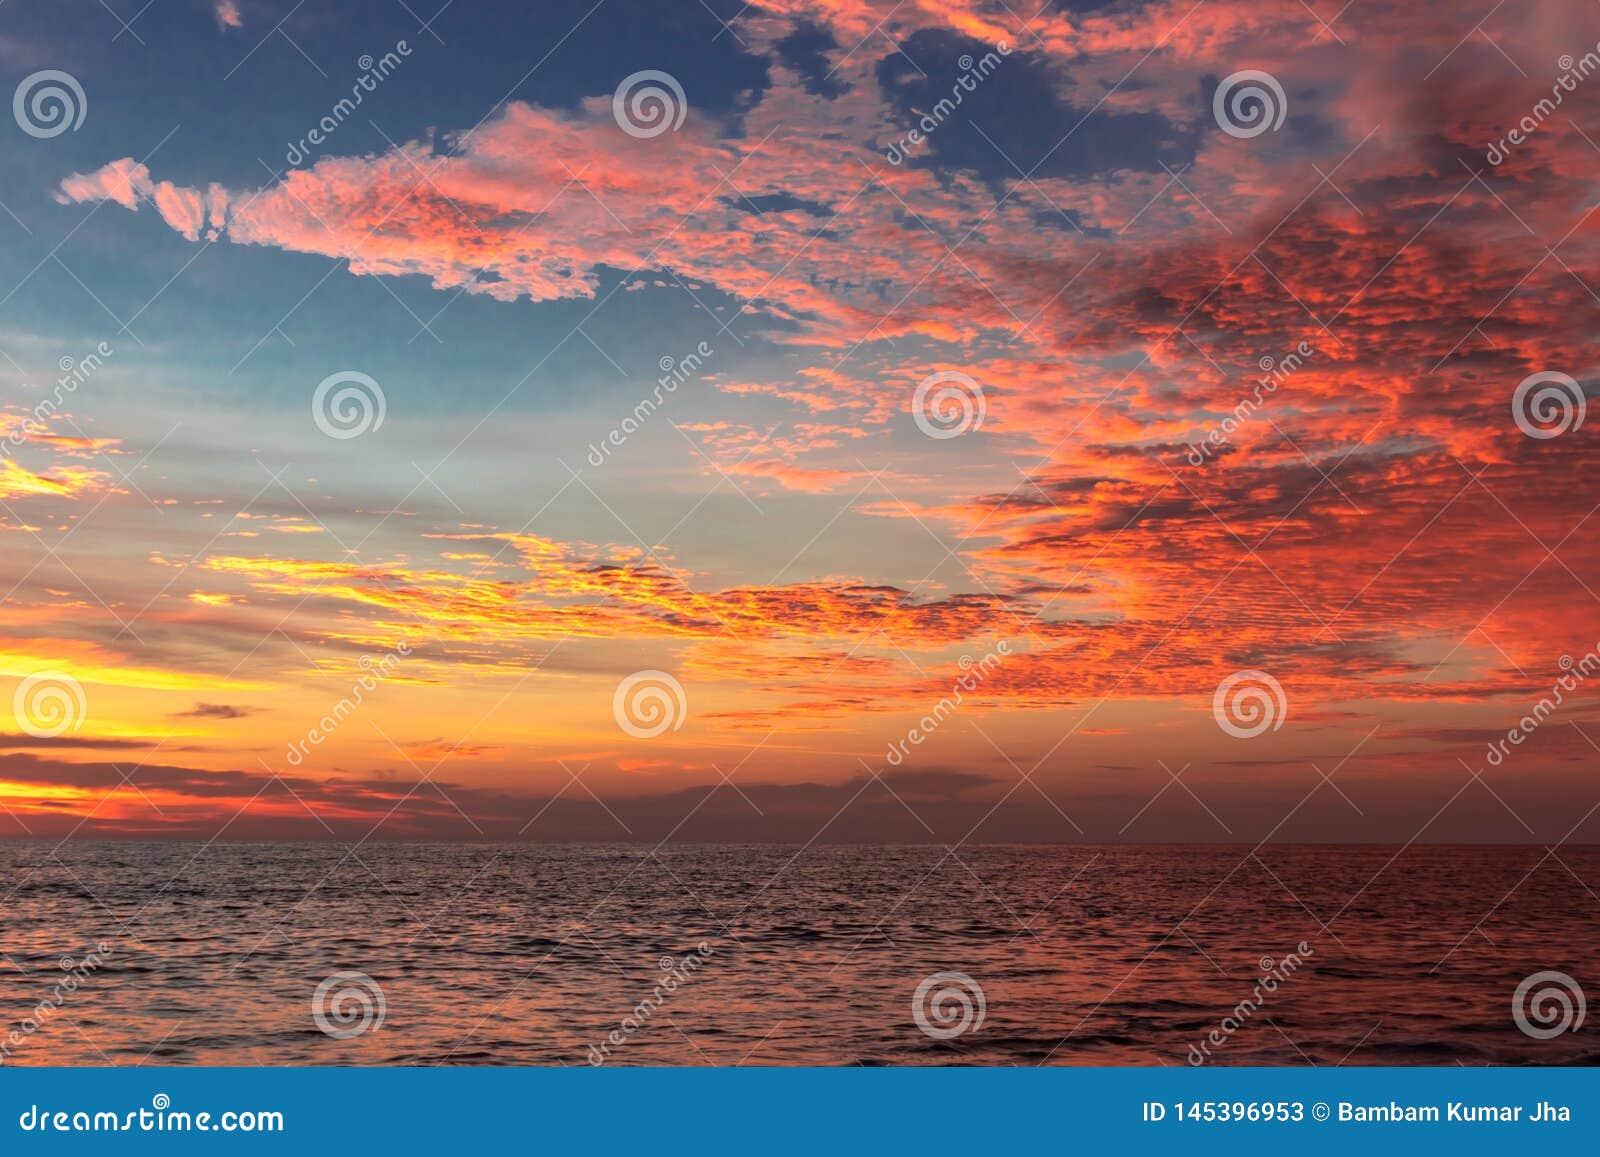 Nuvens alaranjadas do por do sol acima da água do mar